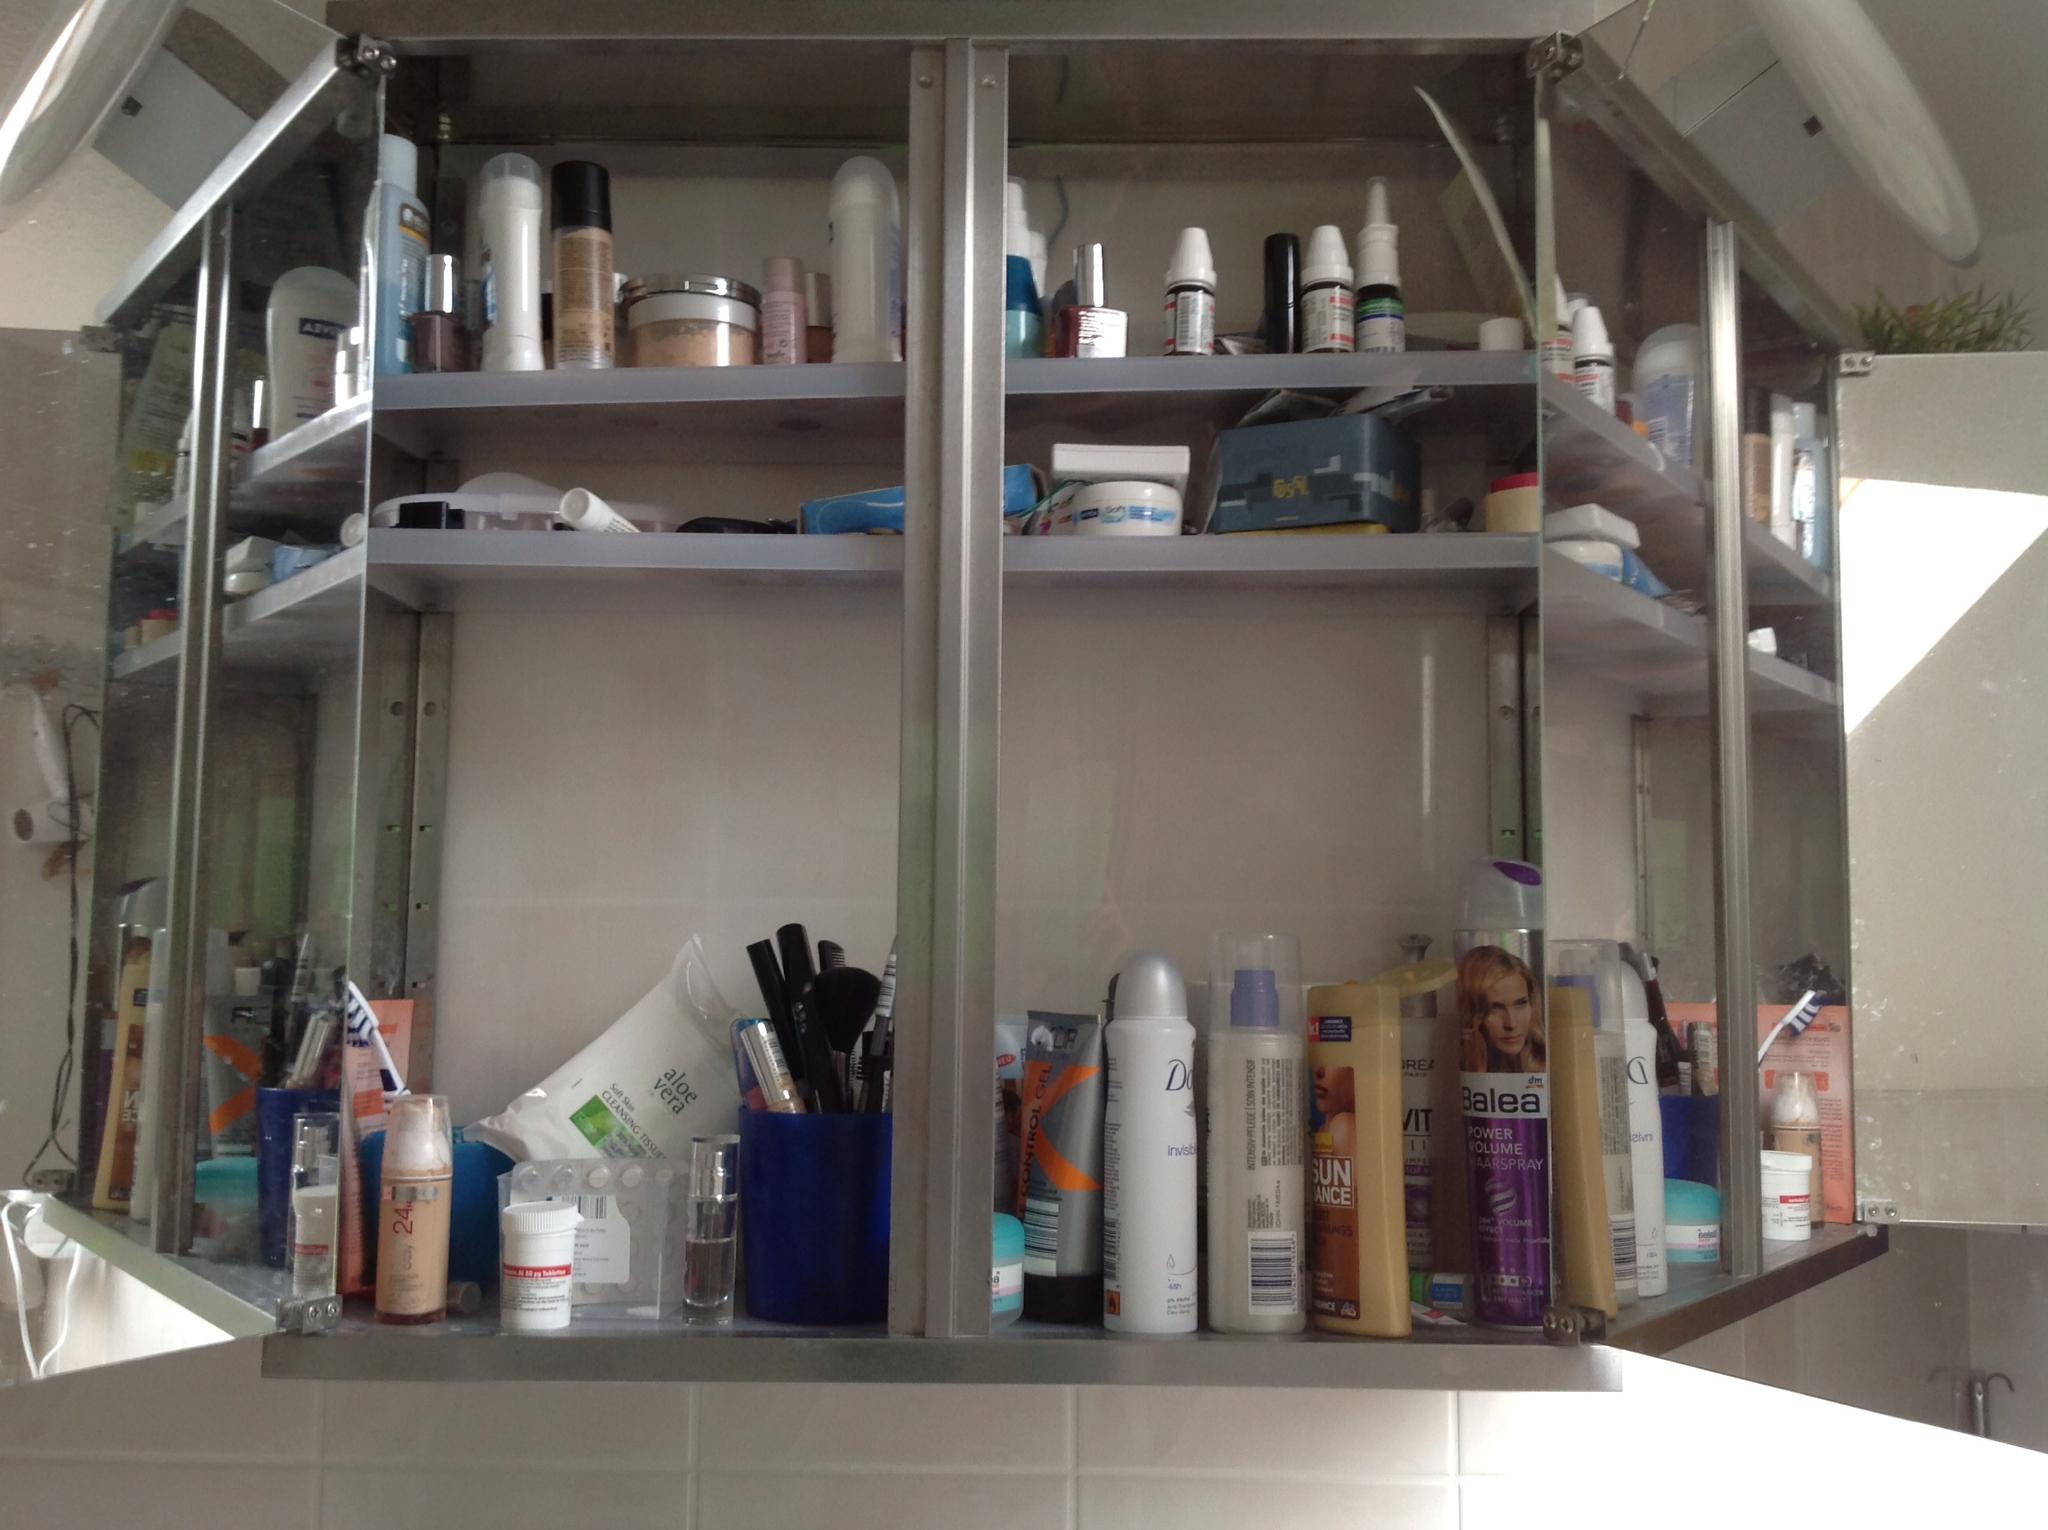 Ordnung Badezimmerschrank # Goetics.com > Inspiration Design Raum und Möbel für Ihre Wohnkultur